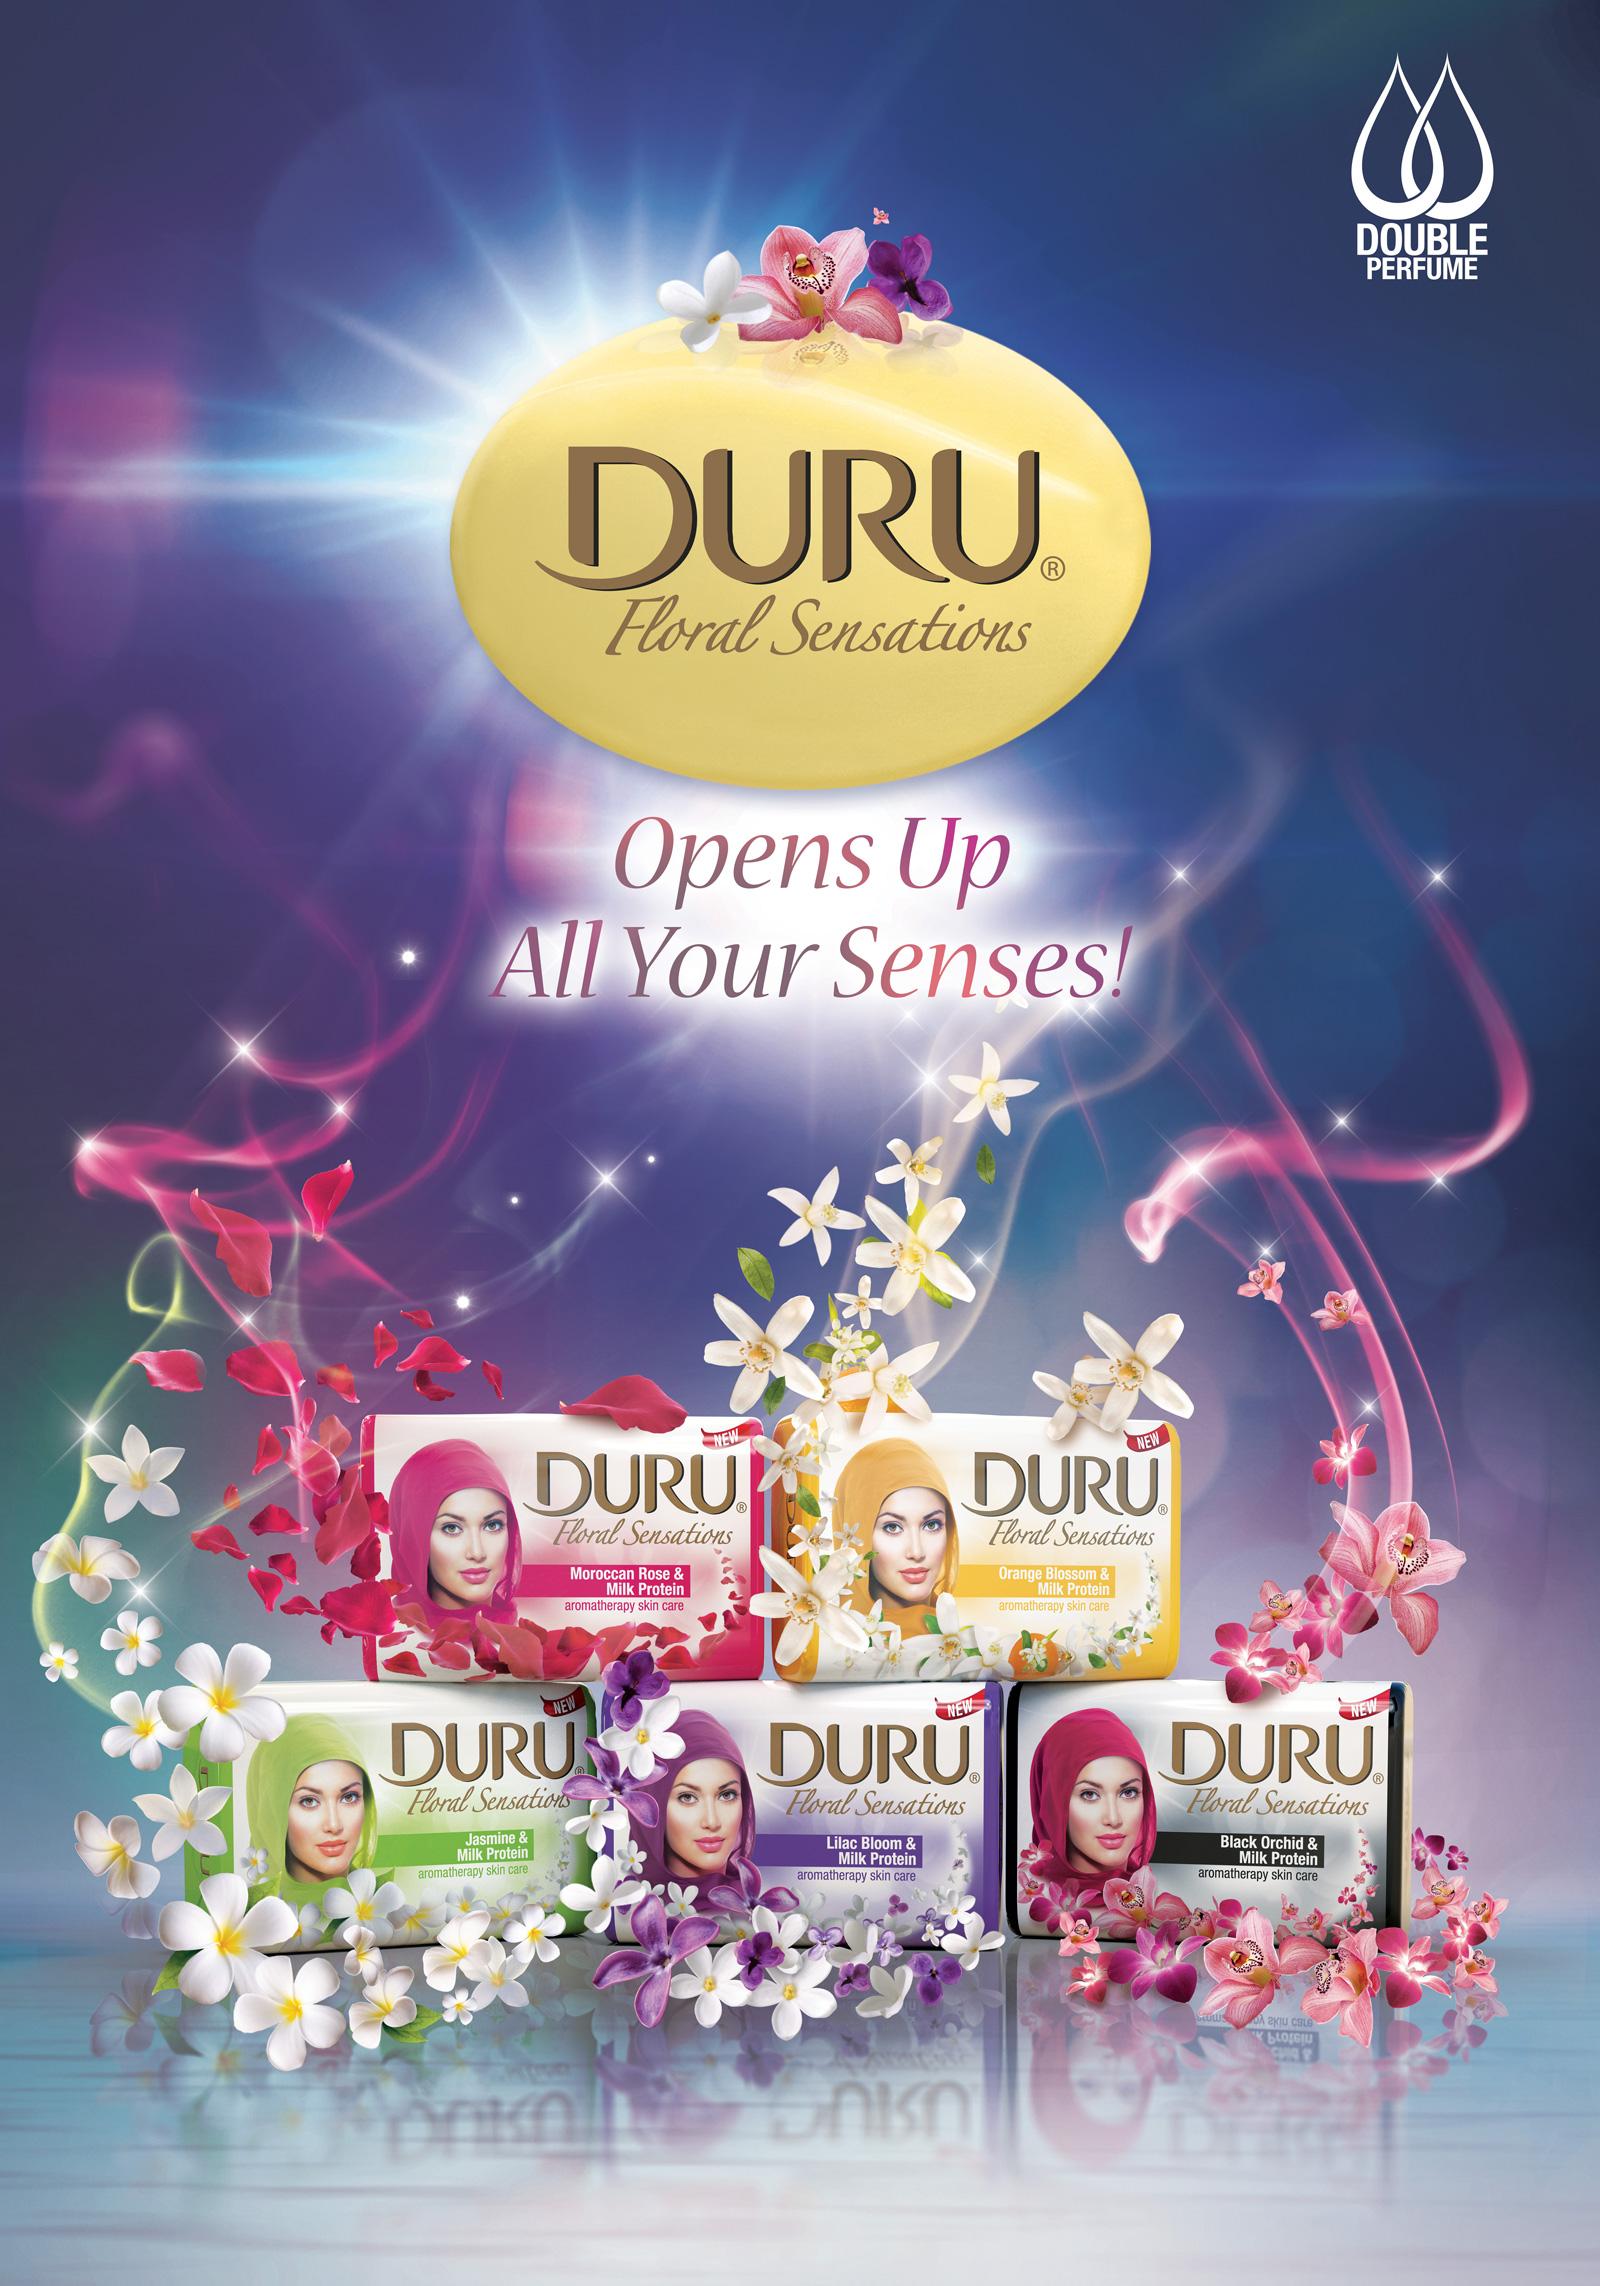 DURU_FloralSensations_4